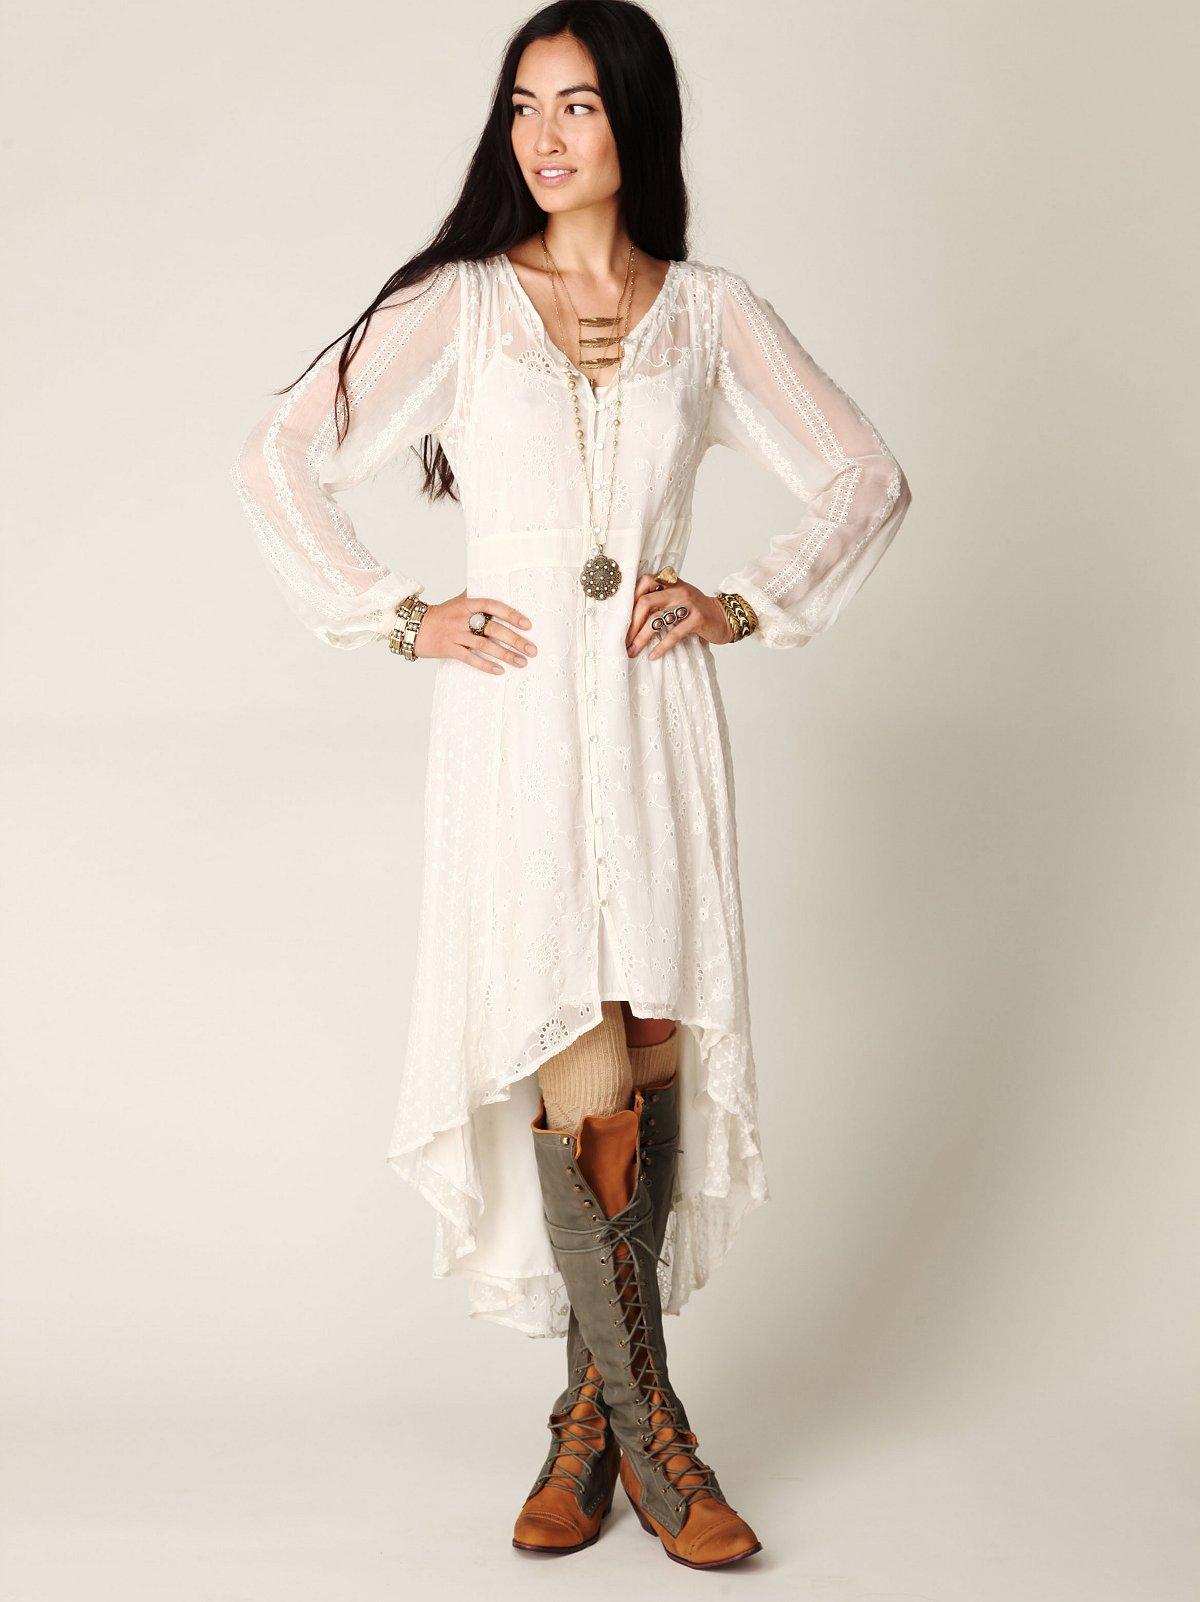 Enchanted Eyelet Dress